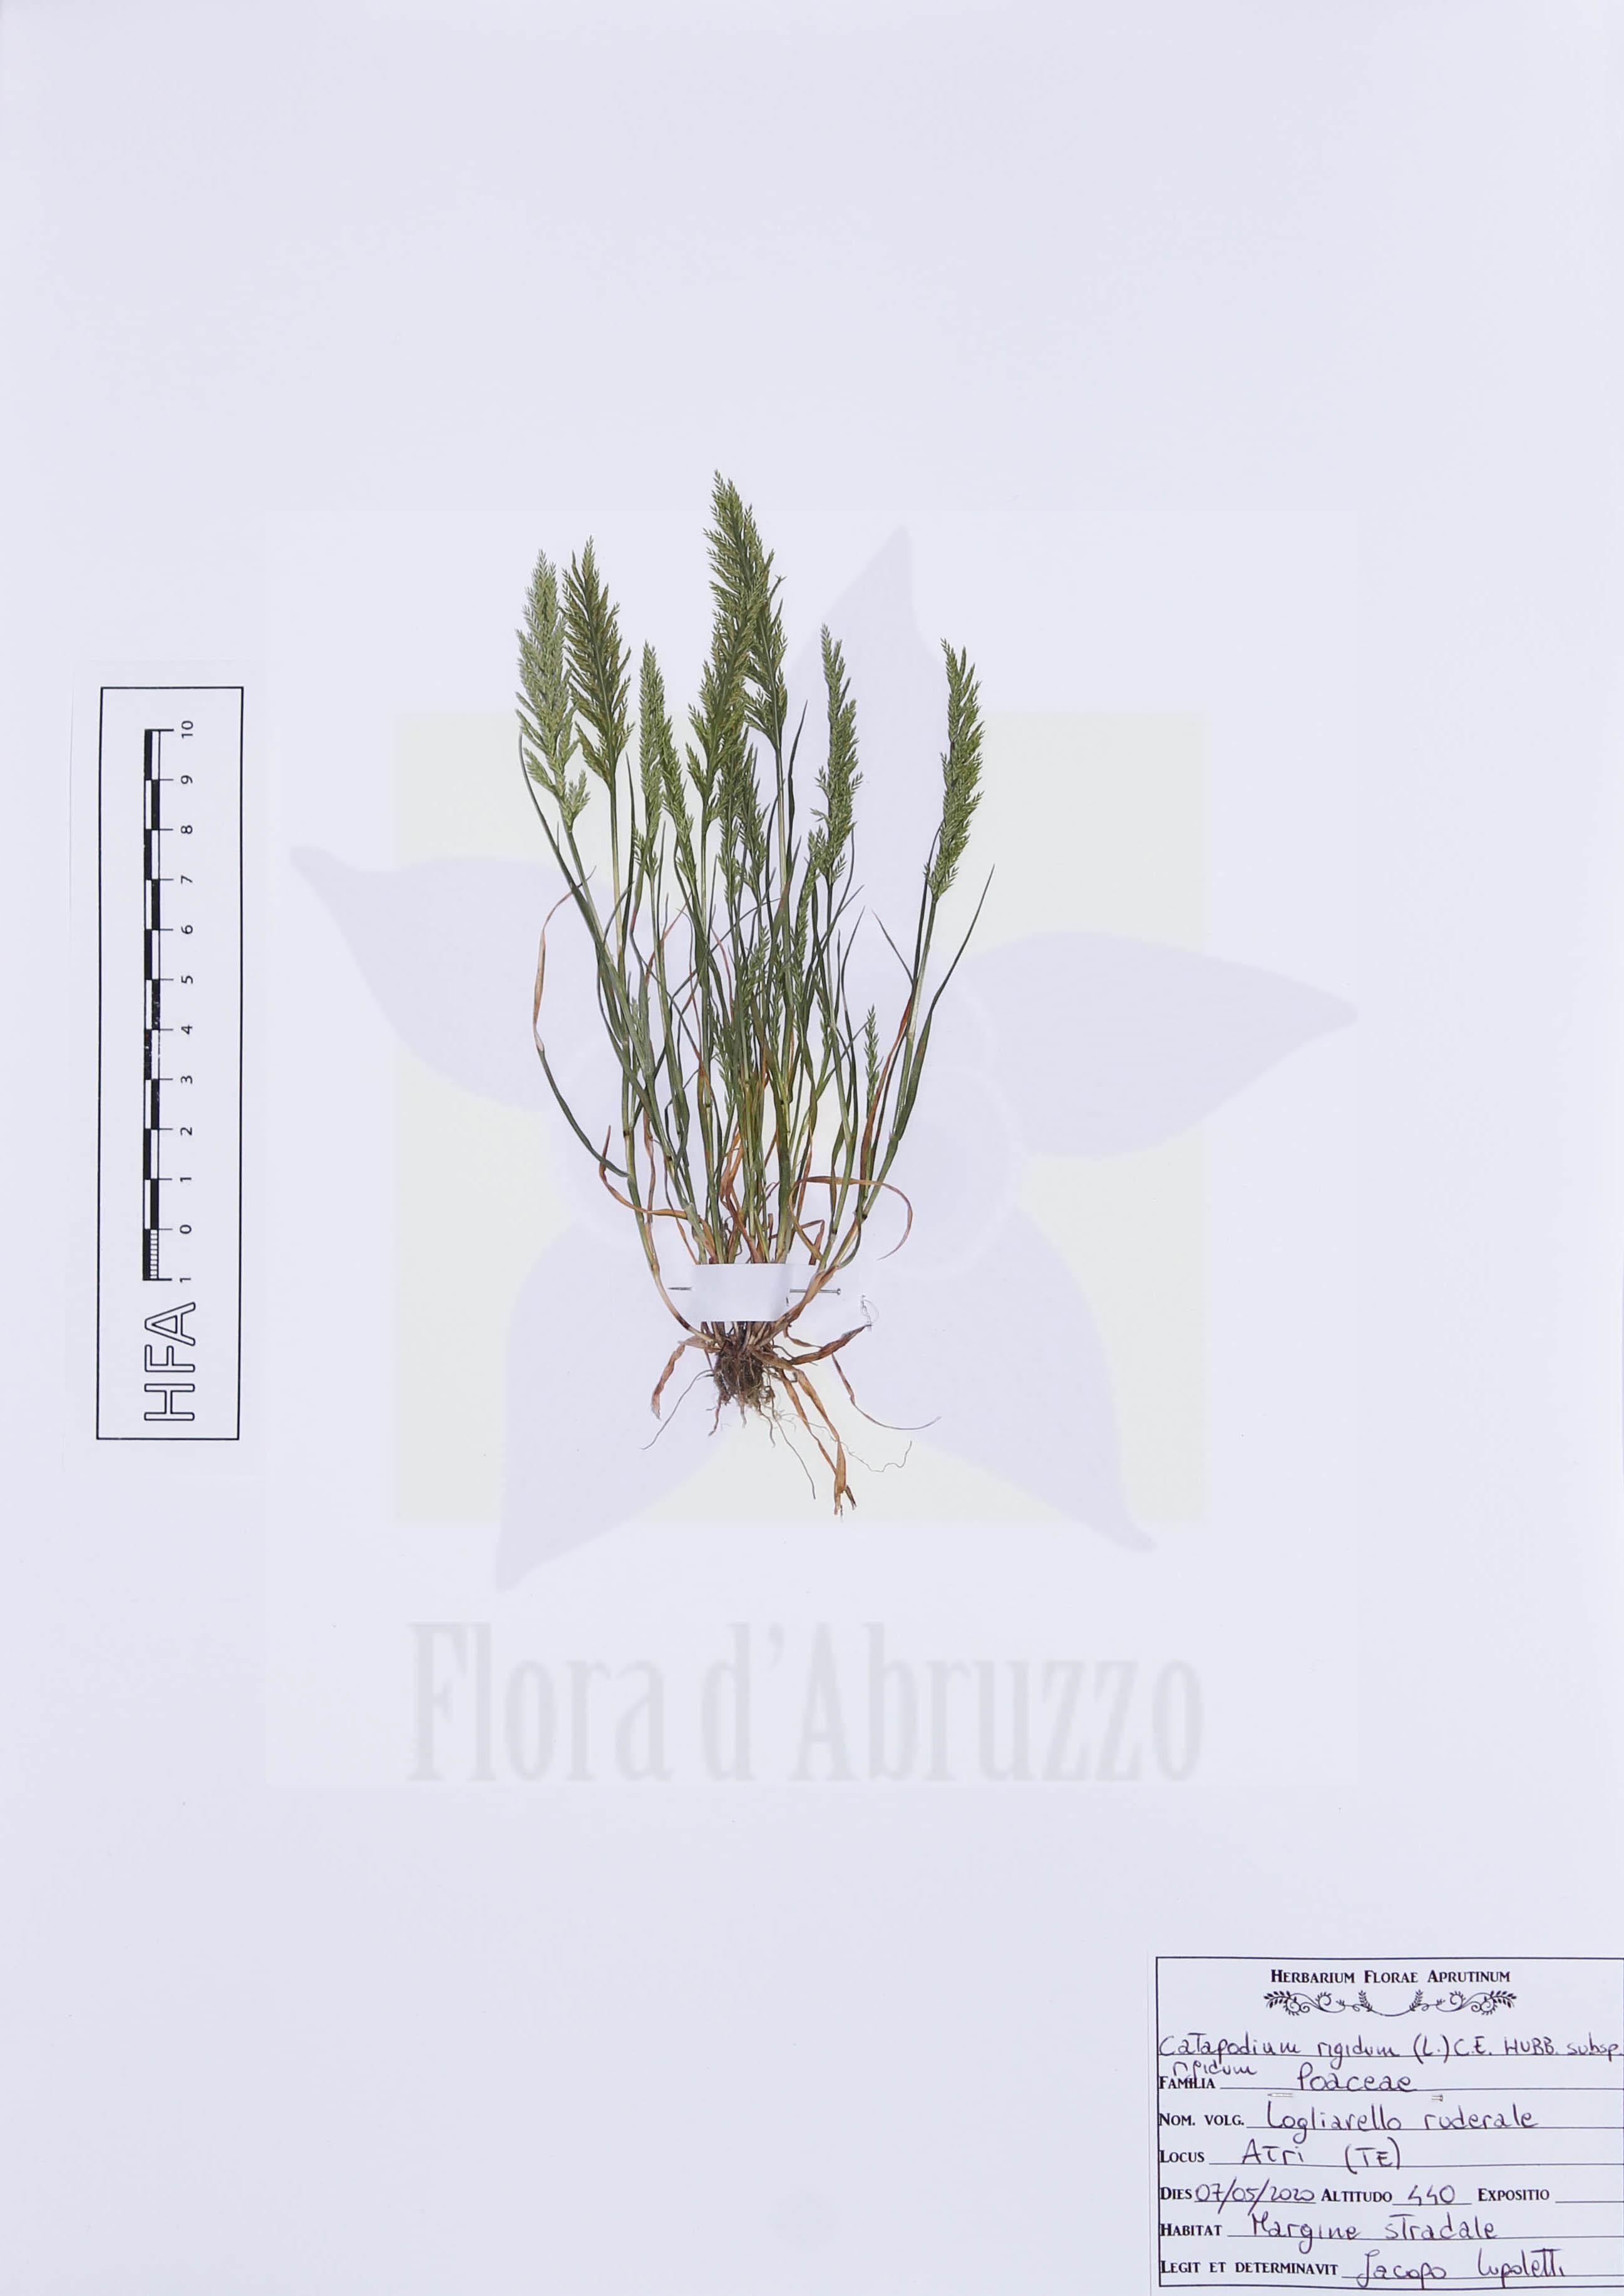 Catapodium rigidum(L.) C.E. Hubb. subsp.rigidum